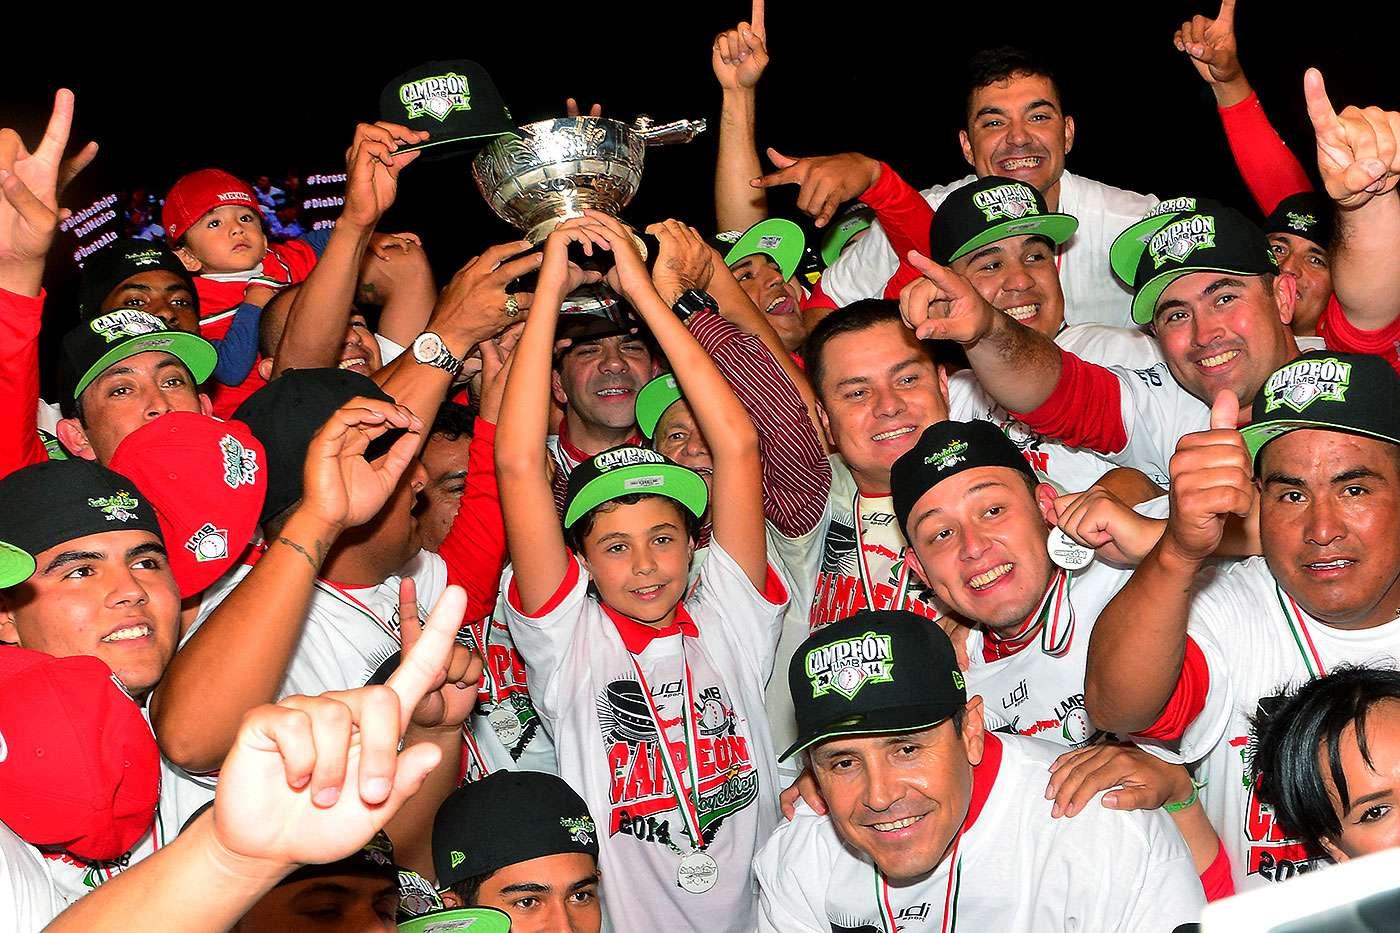 """Con un cuadrangular de Juan Carlos Gamboa en la décima entrada, los Diablos Rojos del México derrotaron 9-8 a los Pericos de Puebla para coronarse campeones de la Liga Mexicana de Beisbol 2014. Este es el título 16 para los """"escarlatas"""" con lo cual empata a los Naranjeros de Hermosillo como el equipo con más títulos en el deporte profesional en México. Foto: Jam Media"""